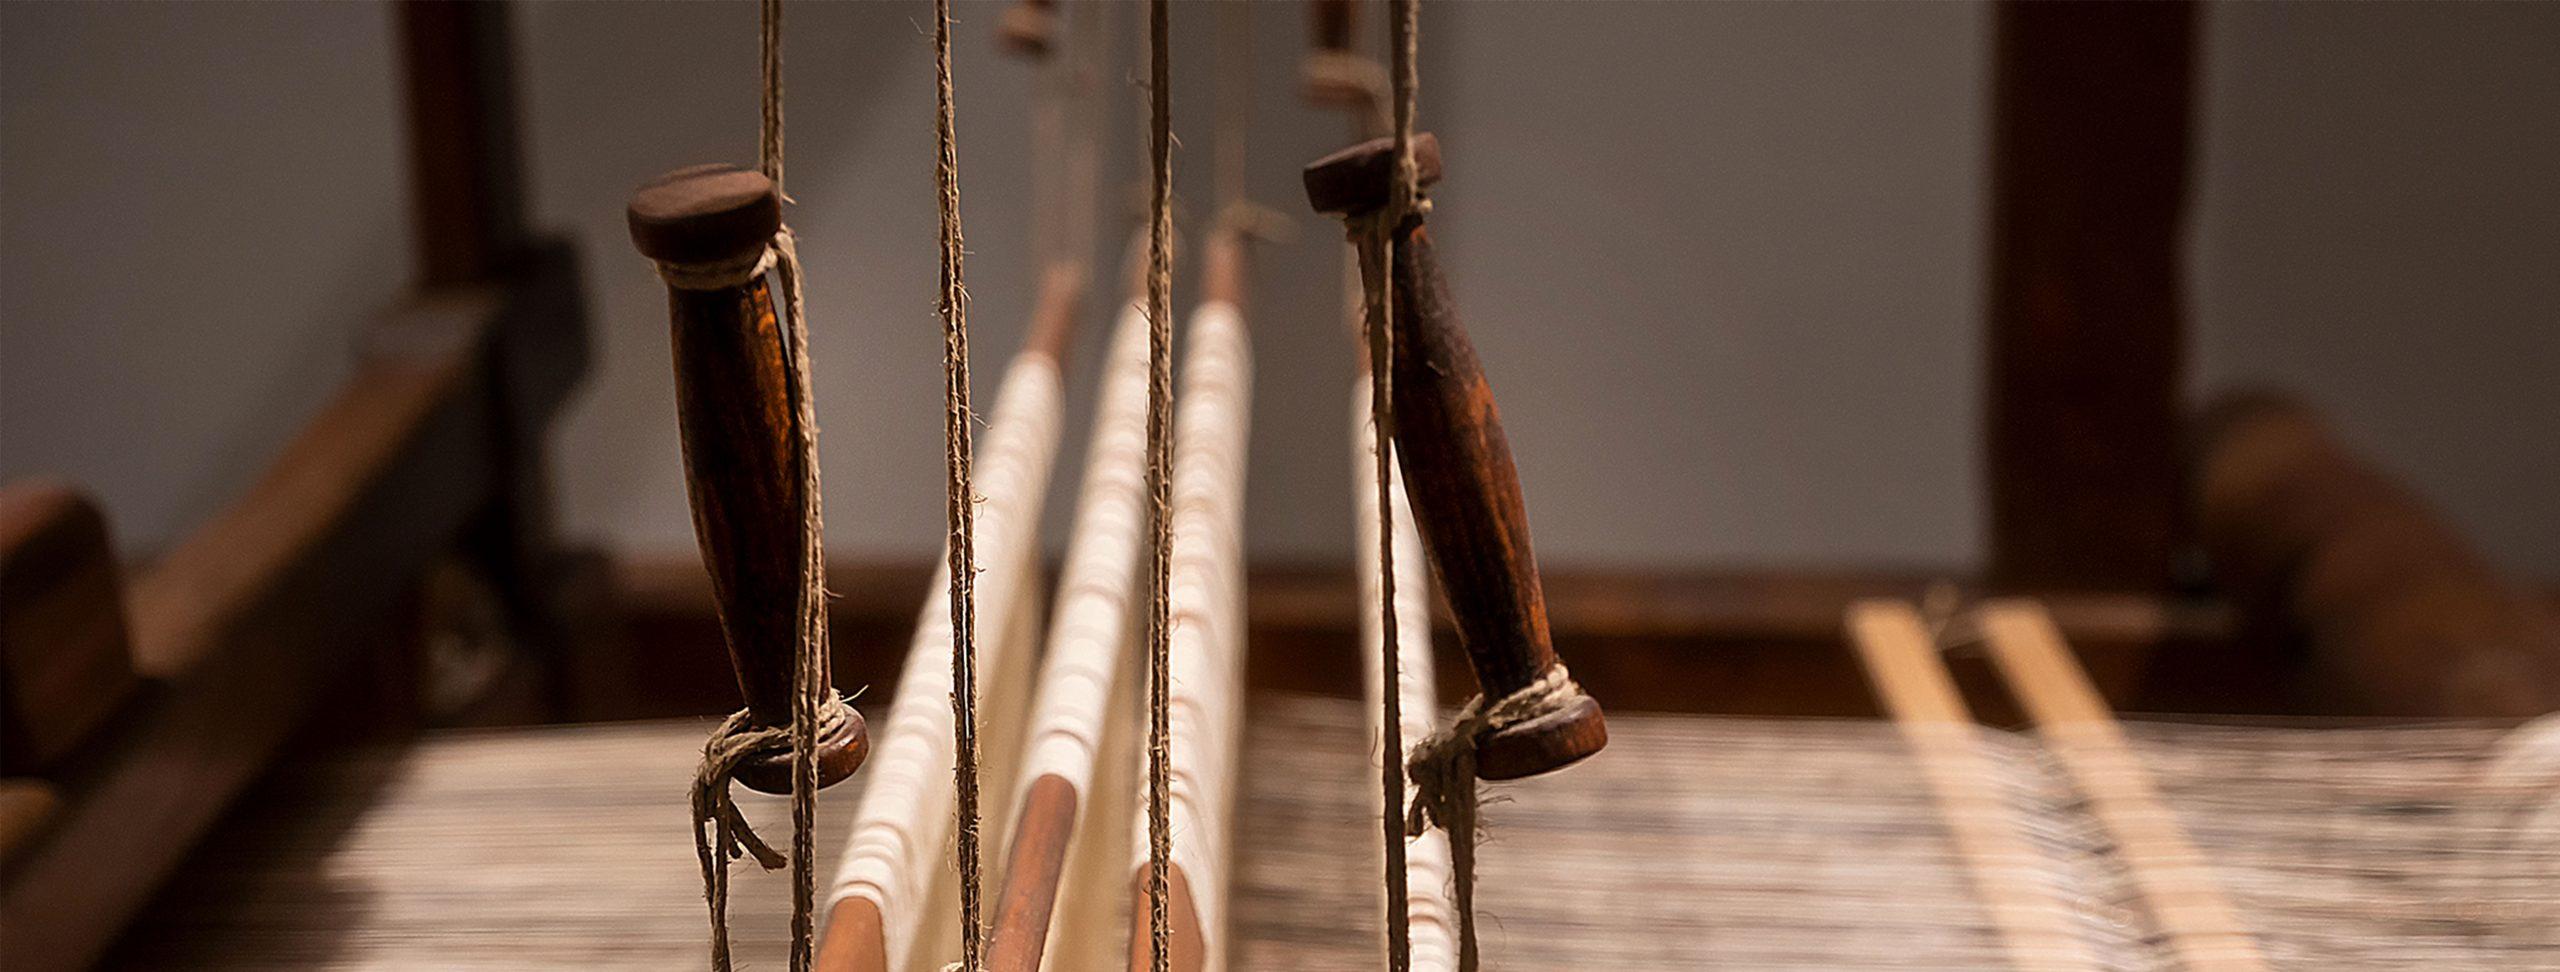 Dettaglio di un telaio antico.